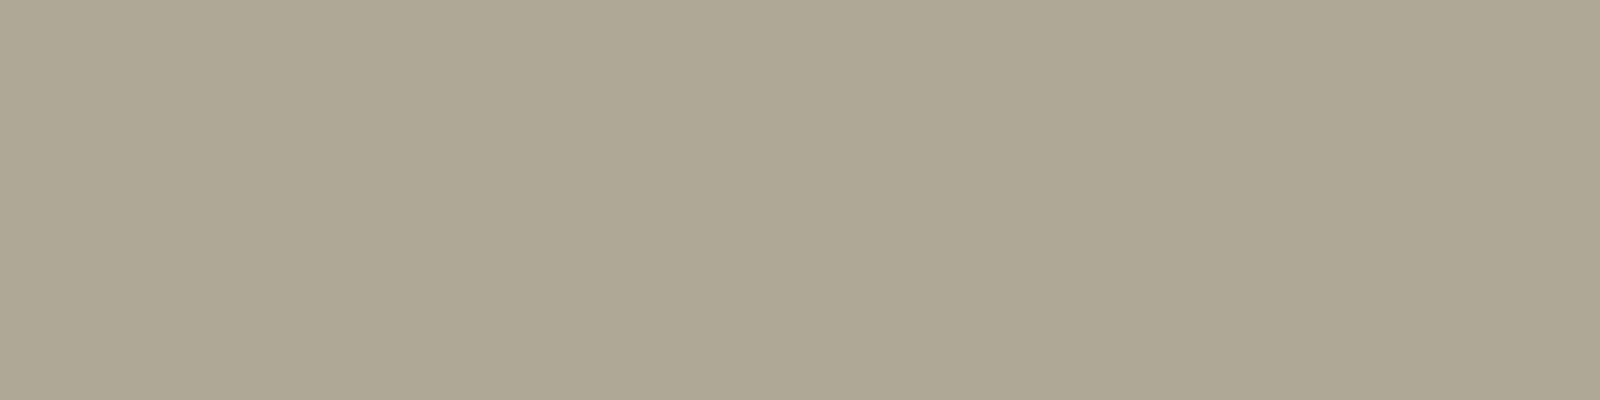 538 Prarie Sand Gutter Color